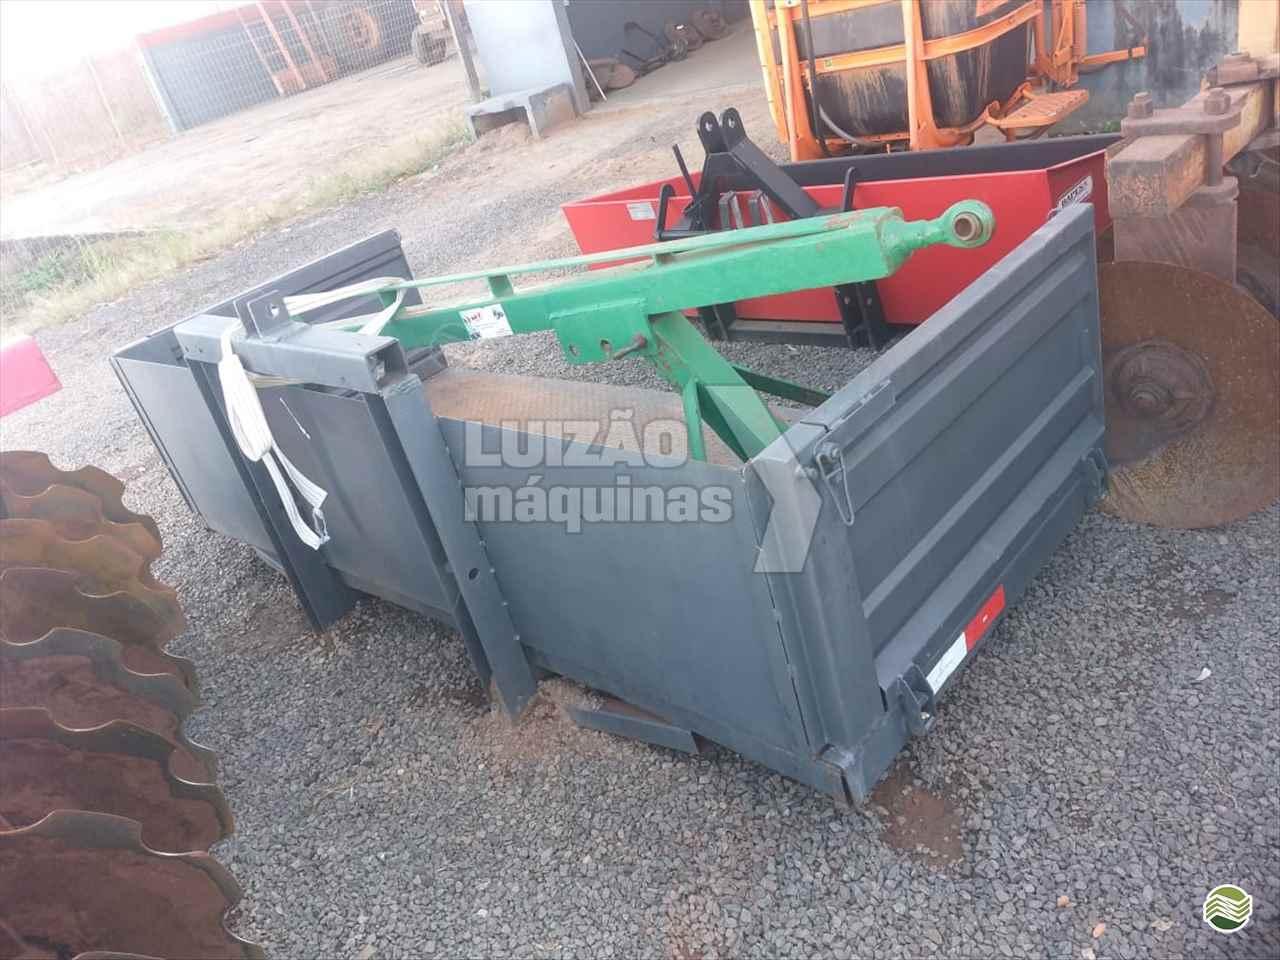 IMPLEMENTOS AGRICOLAS PLATAFORMA PARA TRATOR FIXA Luizão Máquinas Agrícolas UMUARAMA PARANÁ PR